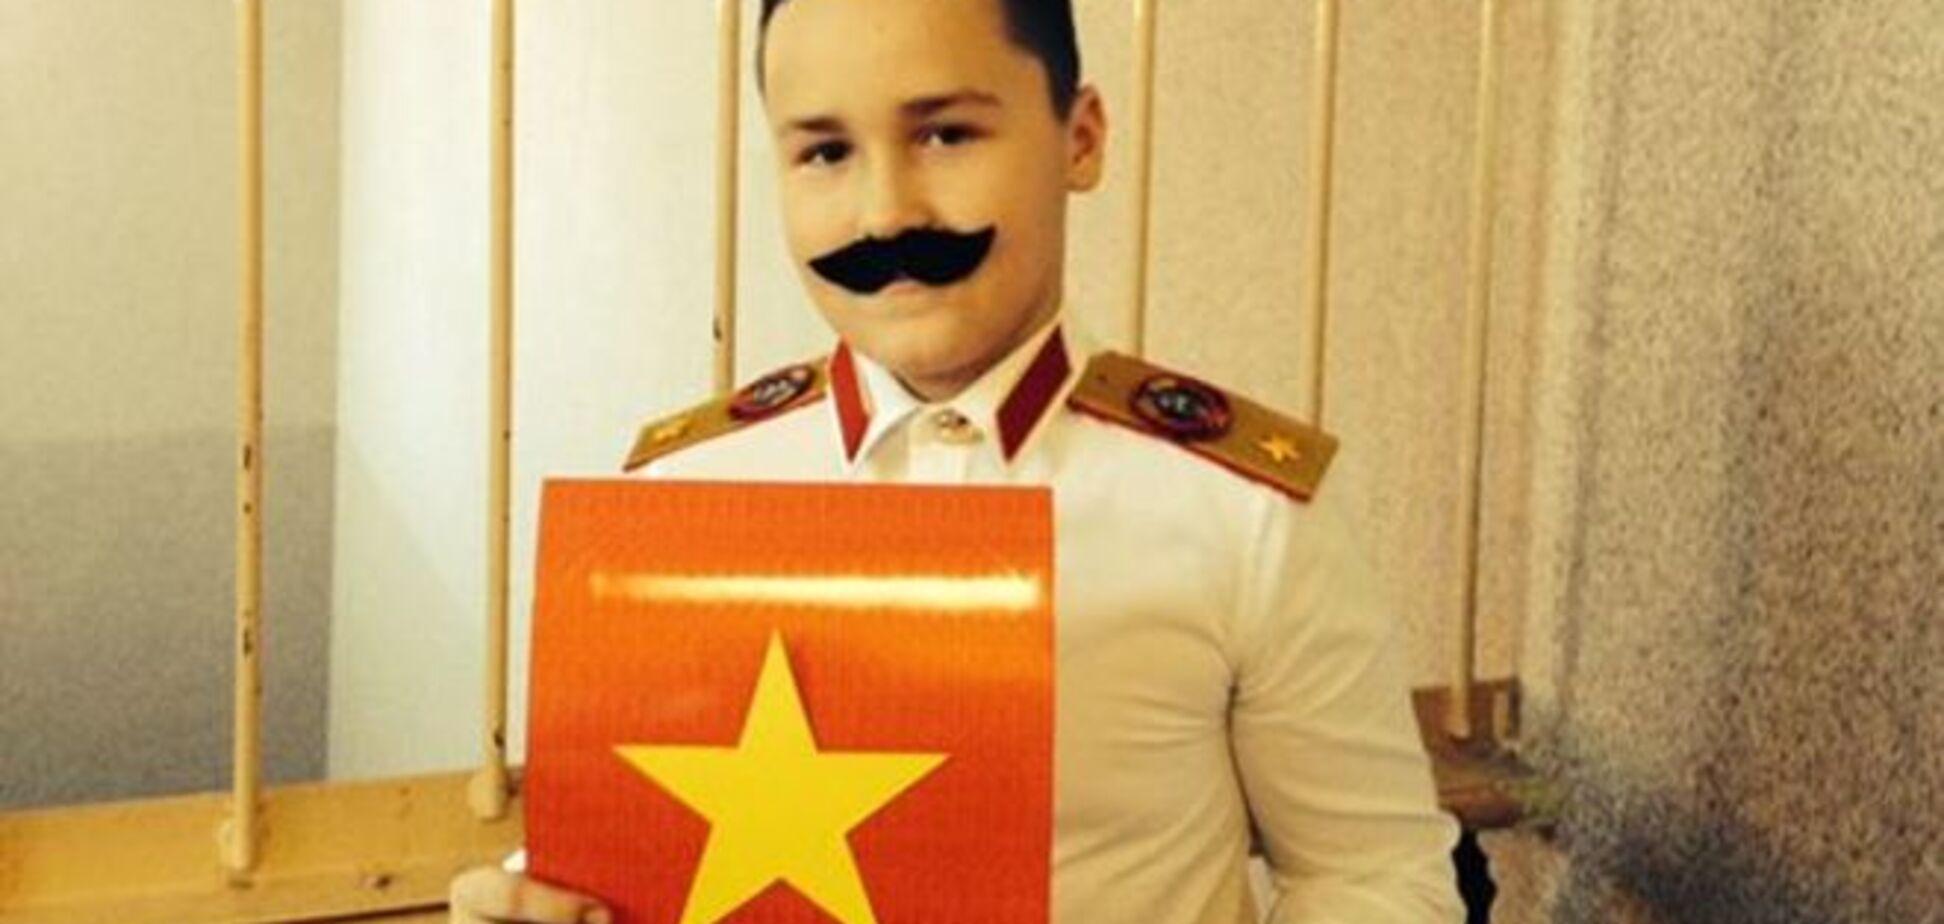 У Росії на різдвяному спектаклі дитина в костюмі Сталіна зіграла святого Йосипа: опубліковано фото